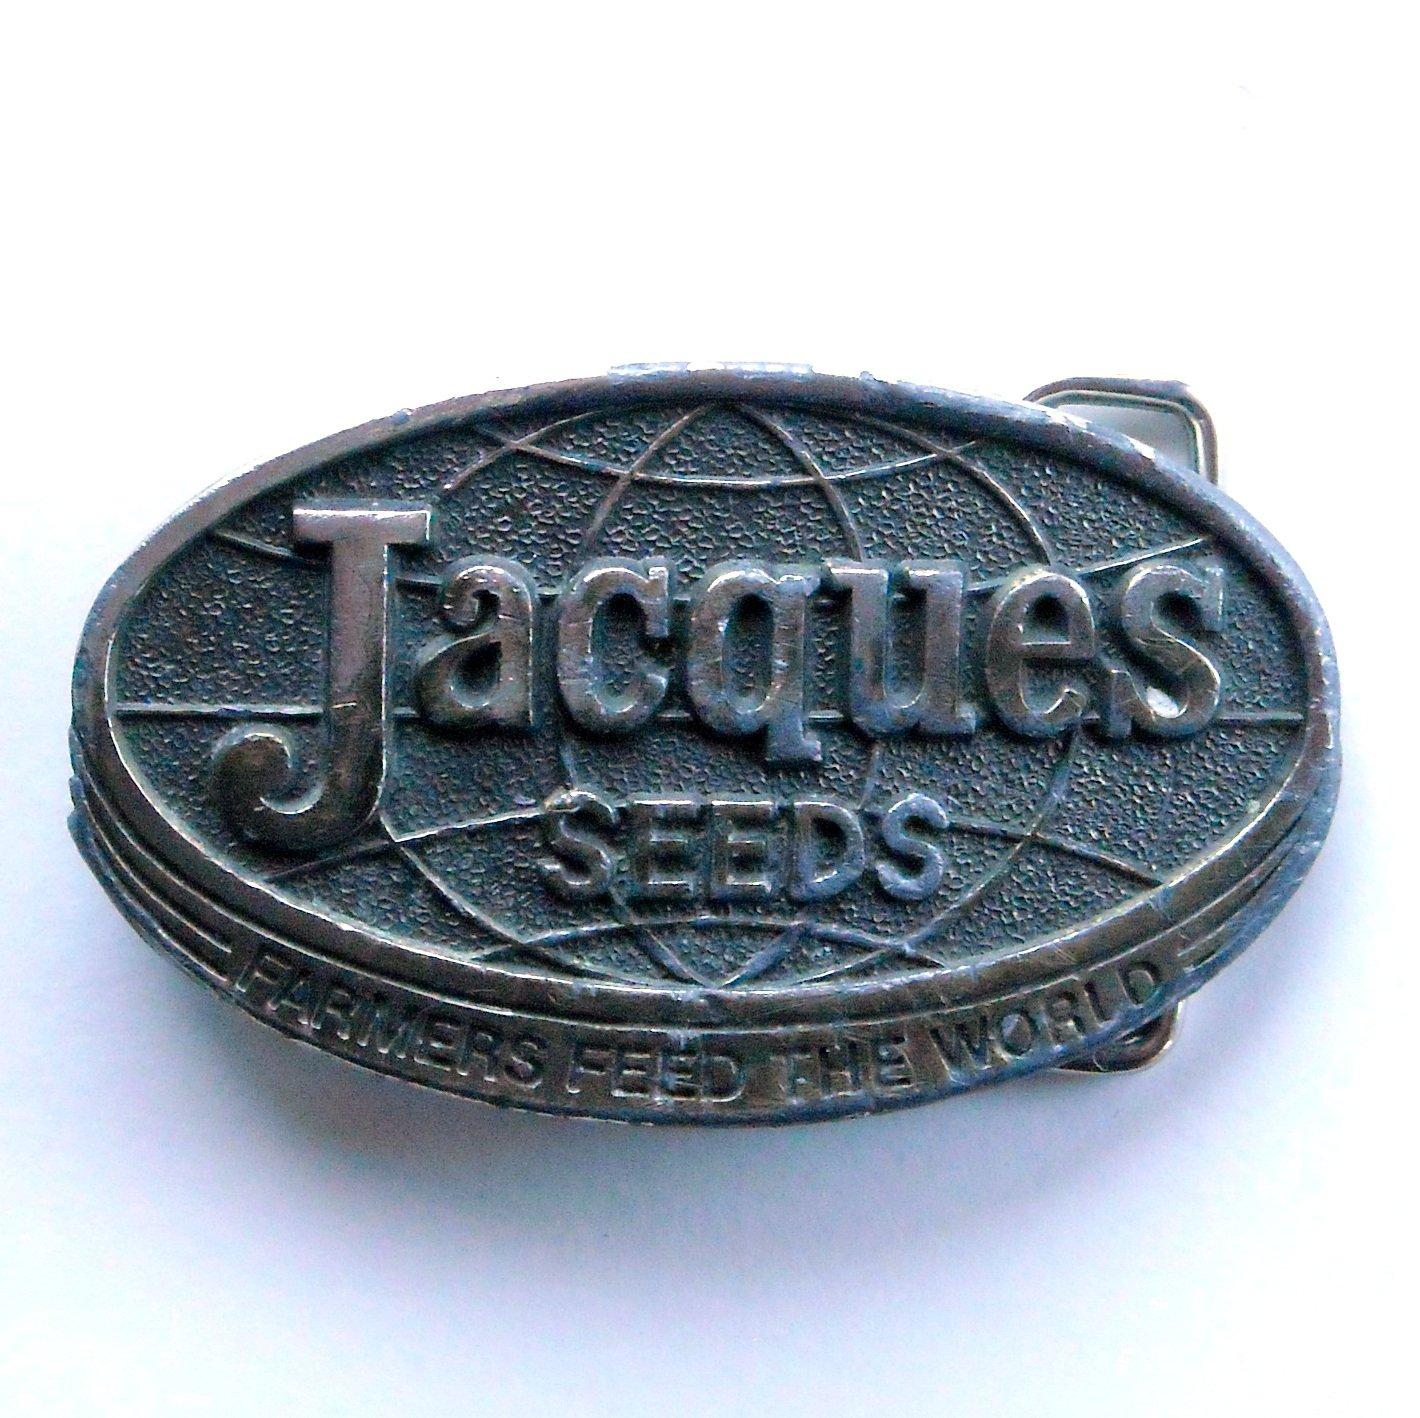 Vintage Jacques Seeds Metal Alloy belt buckle